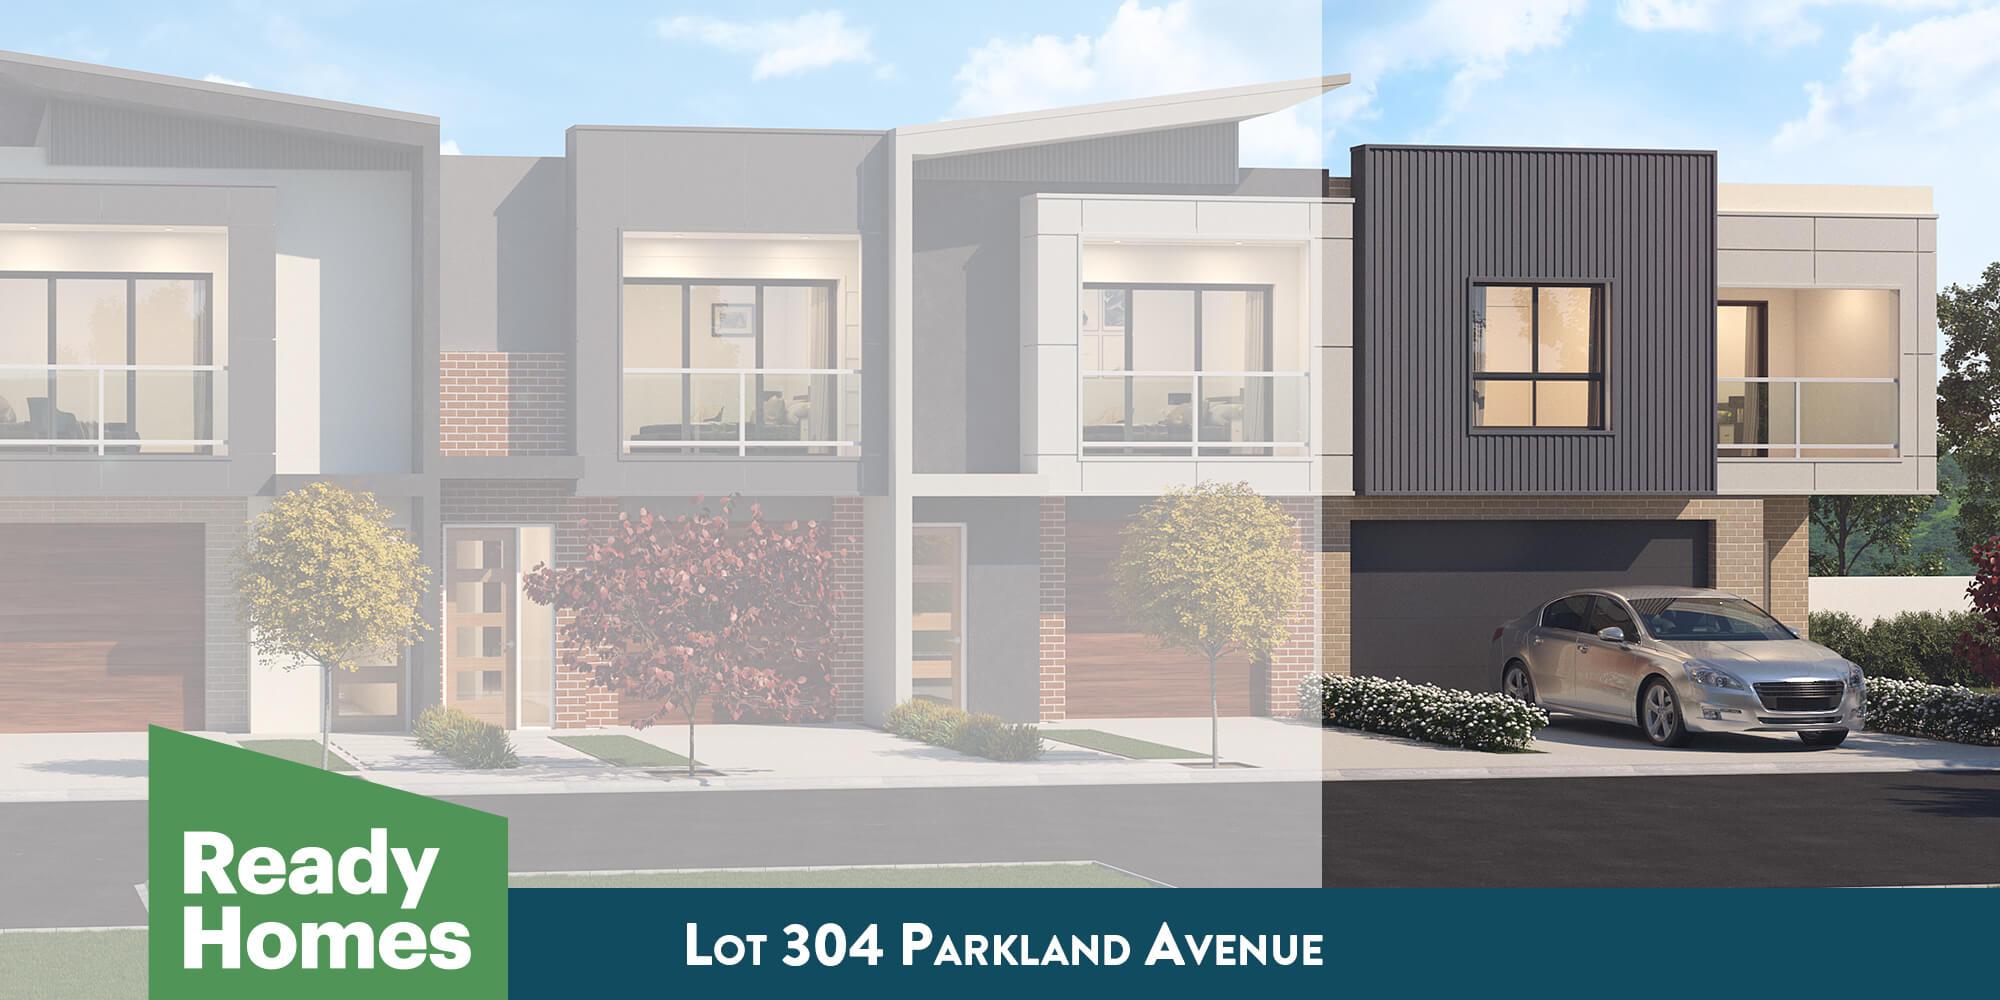 Lot 304 Parkland Avenue facade